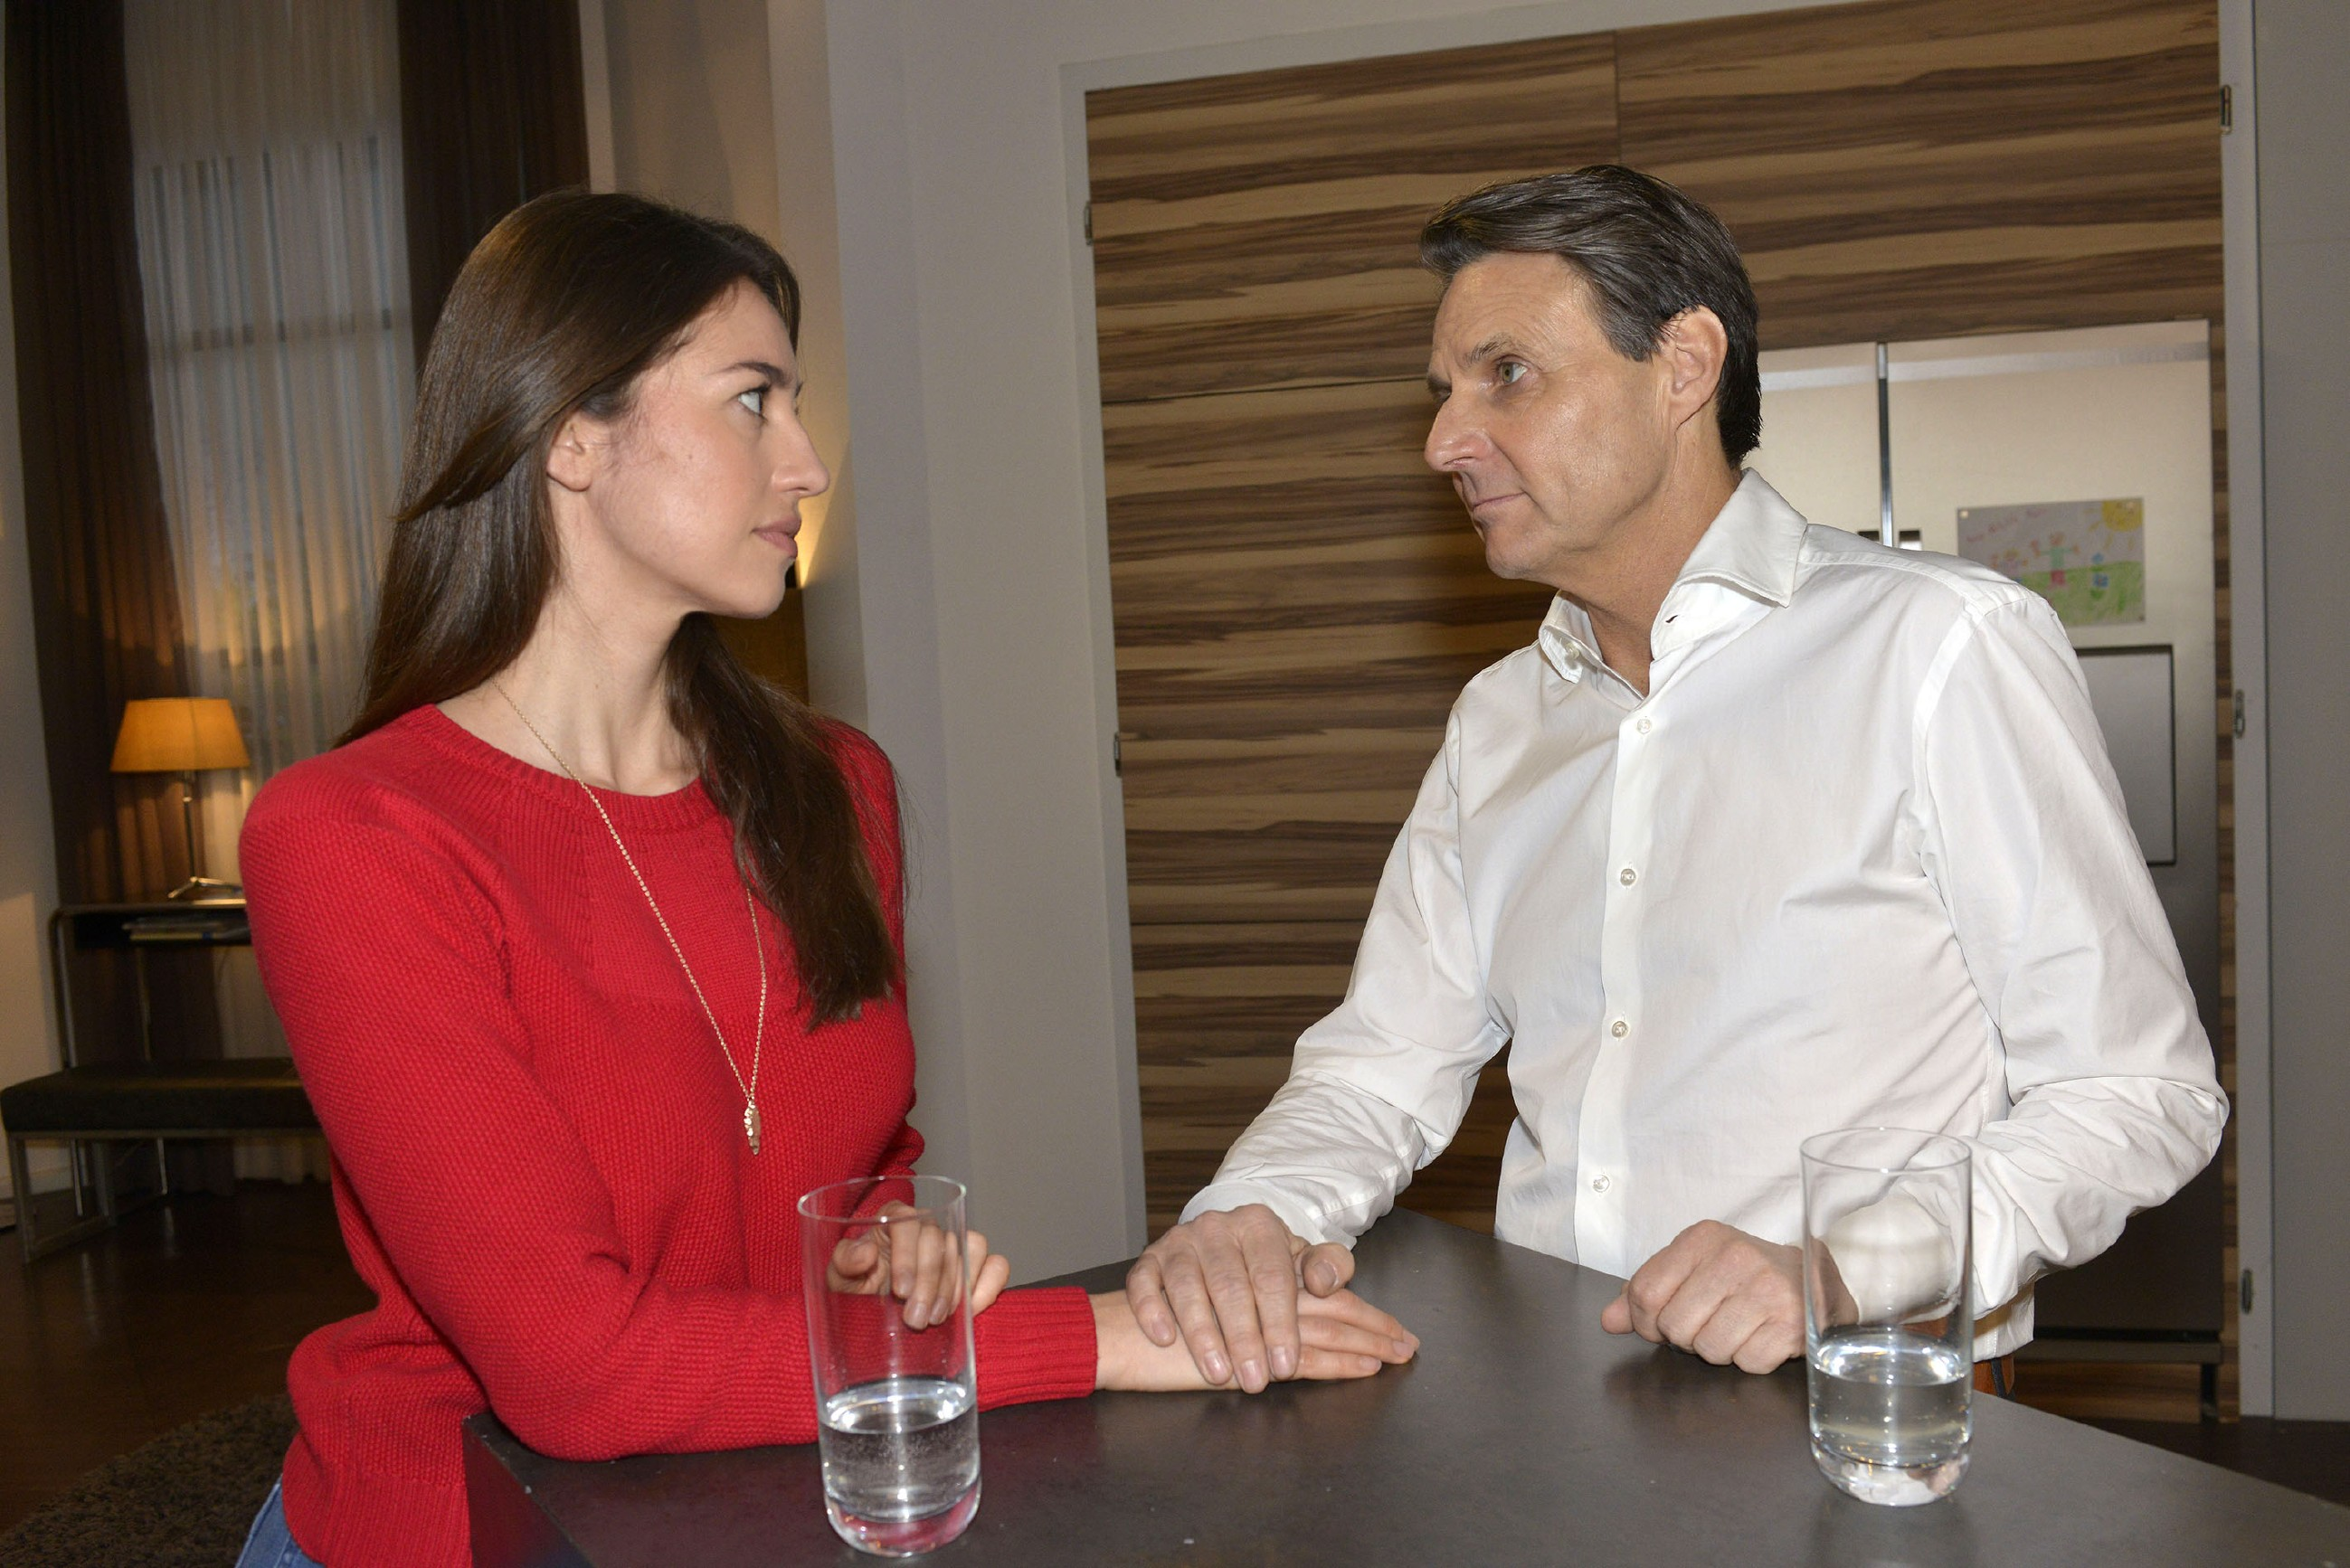 Als Gerner (Wolfgang Bahro) Elena (Elena Garcia Gerlach) seine Sorge um Katrin anvertraut, geht ihr unwillkürlich das Herz auf. (Quelle: RTL / Rolf Baumgartner)